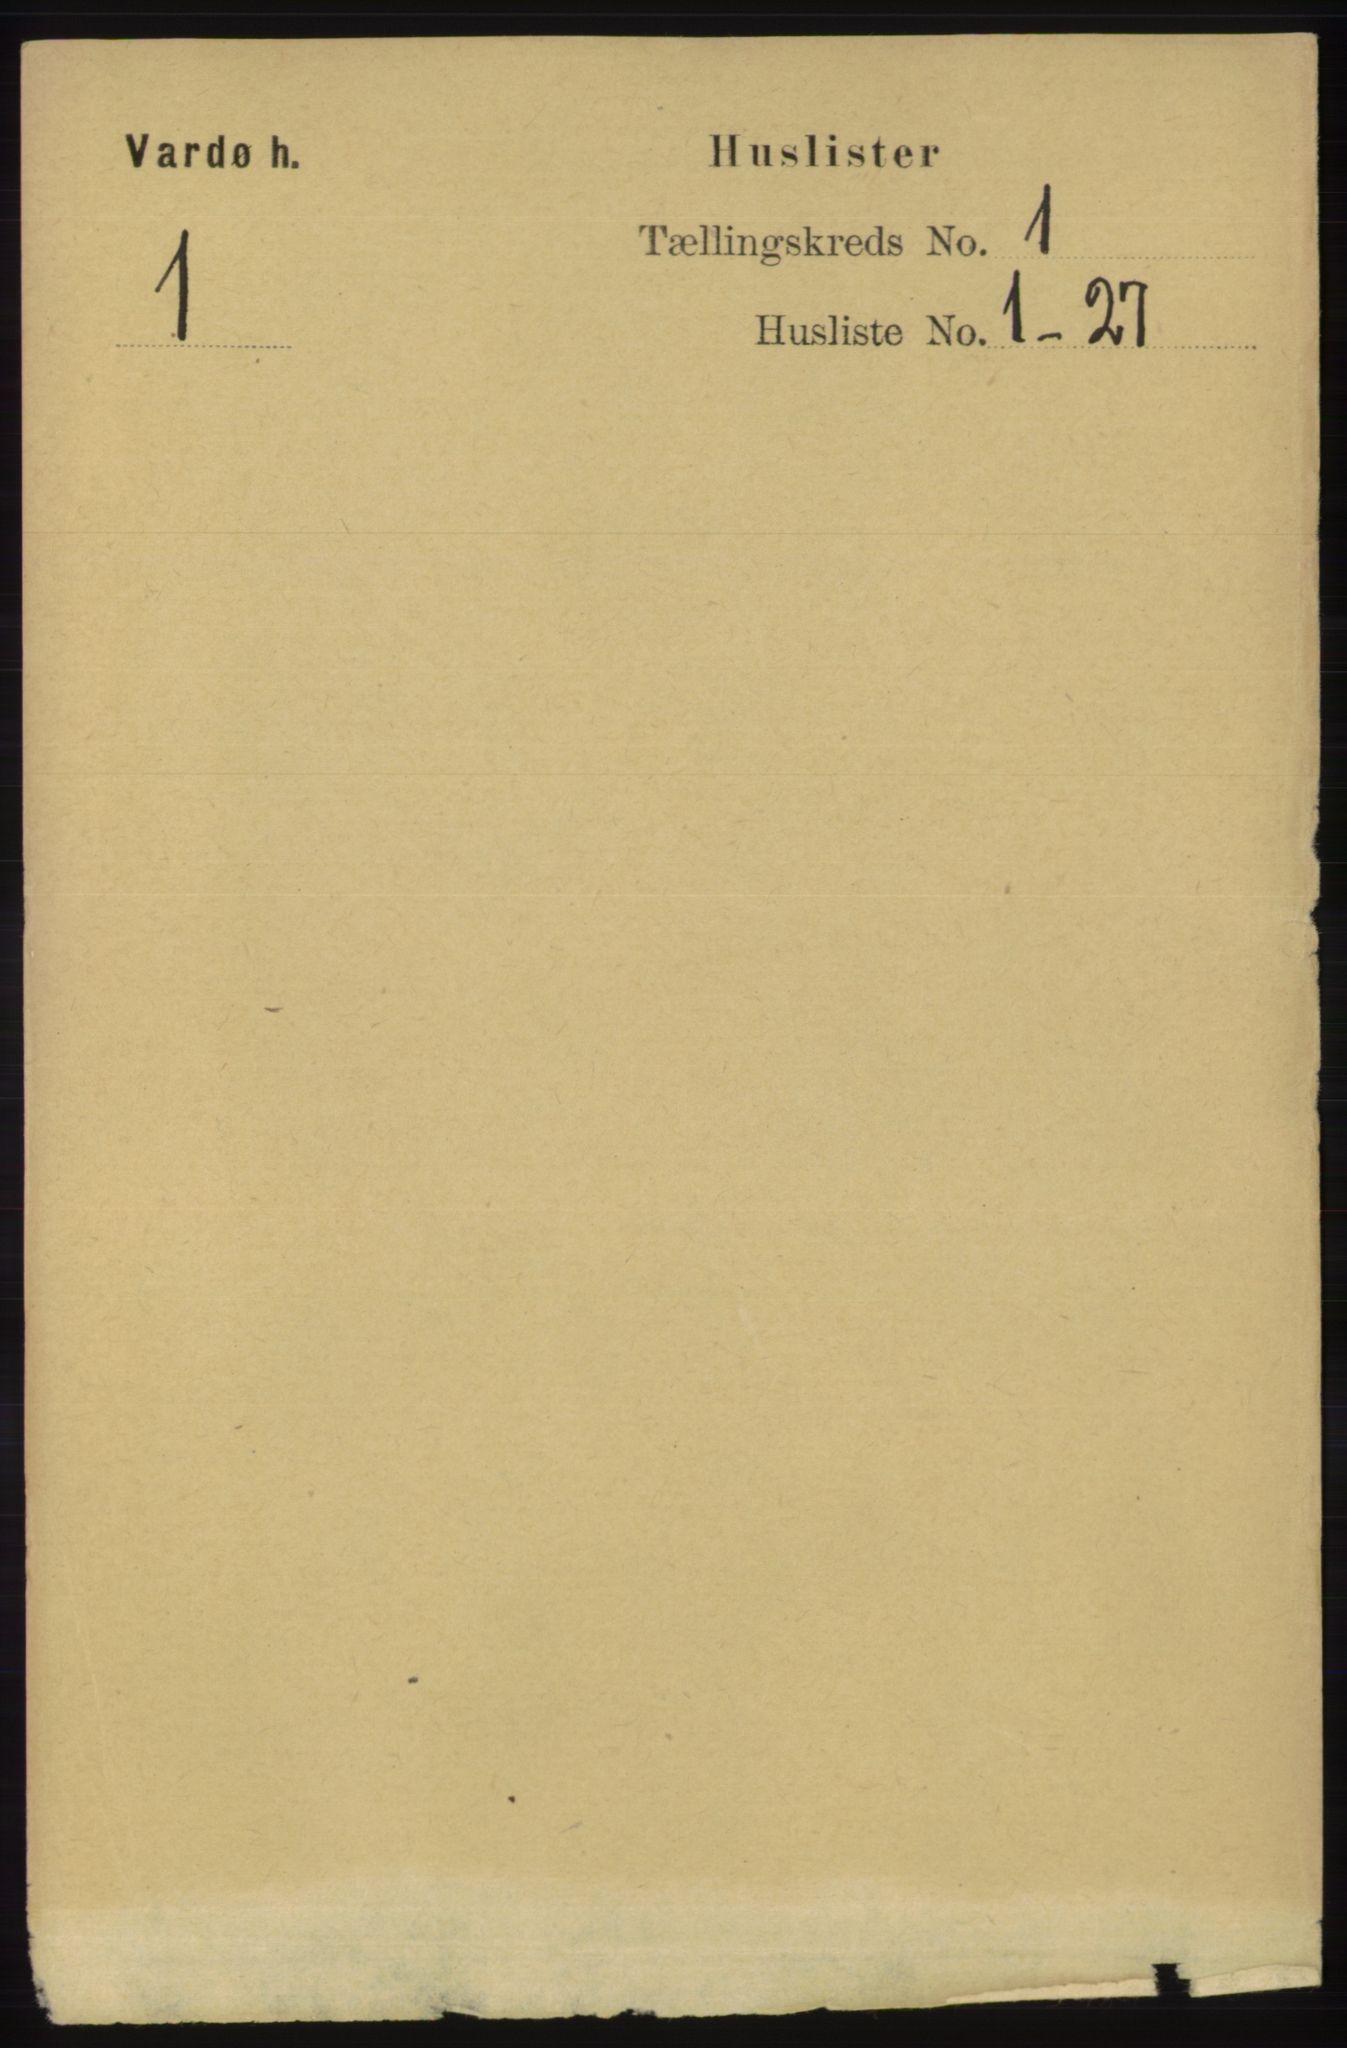 RA, Folketelling 1891 for 2028 Vardø herred, 1891, s. 15